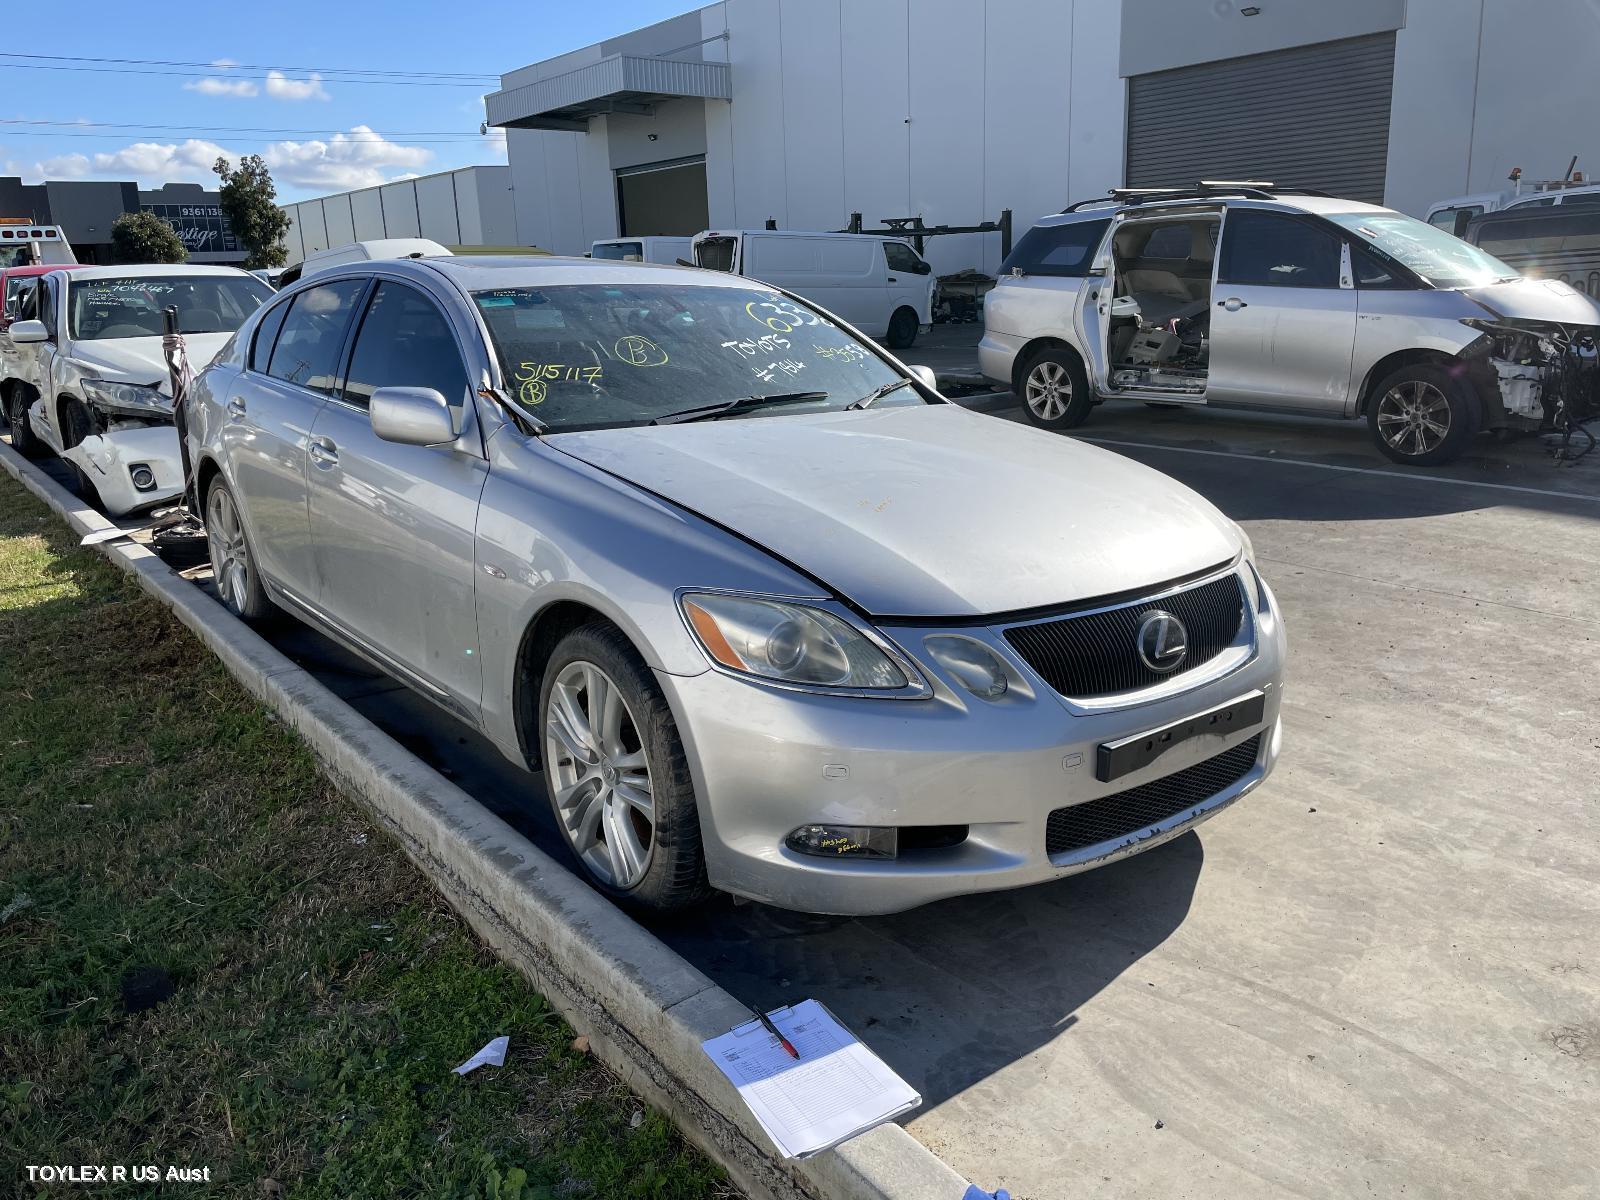 Lexus GS450H HYBRID 2GR FSE 3.5L Engine Automatic RWD Transmission 03/05 - 12/11